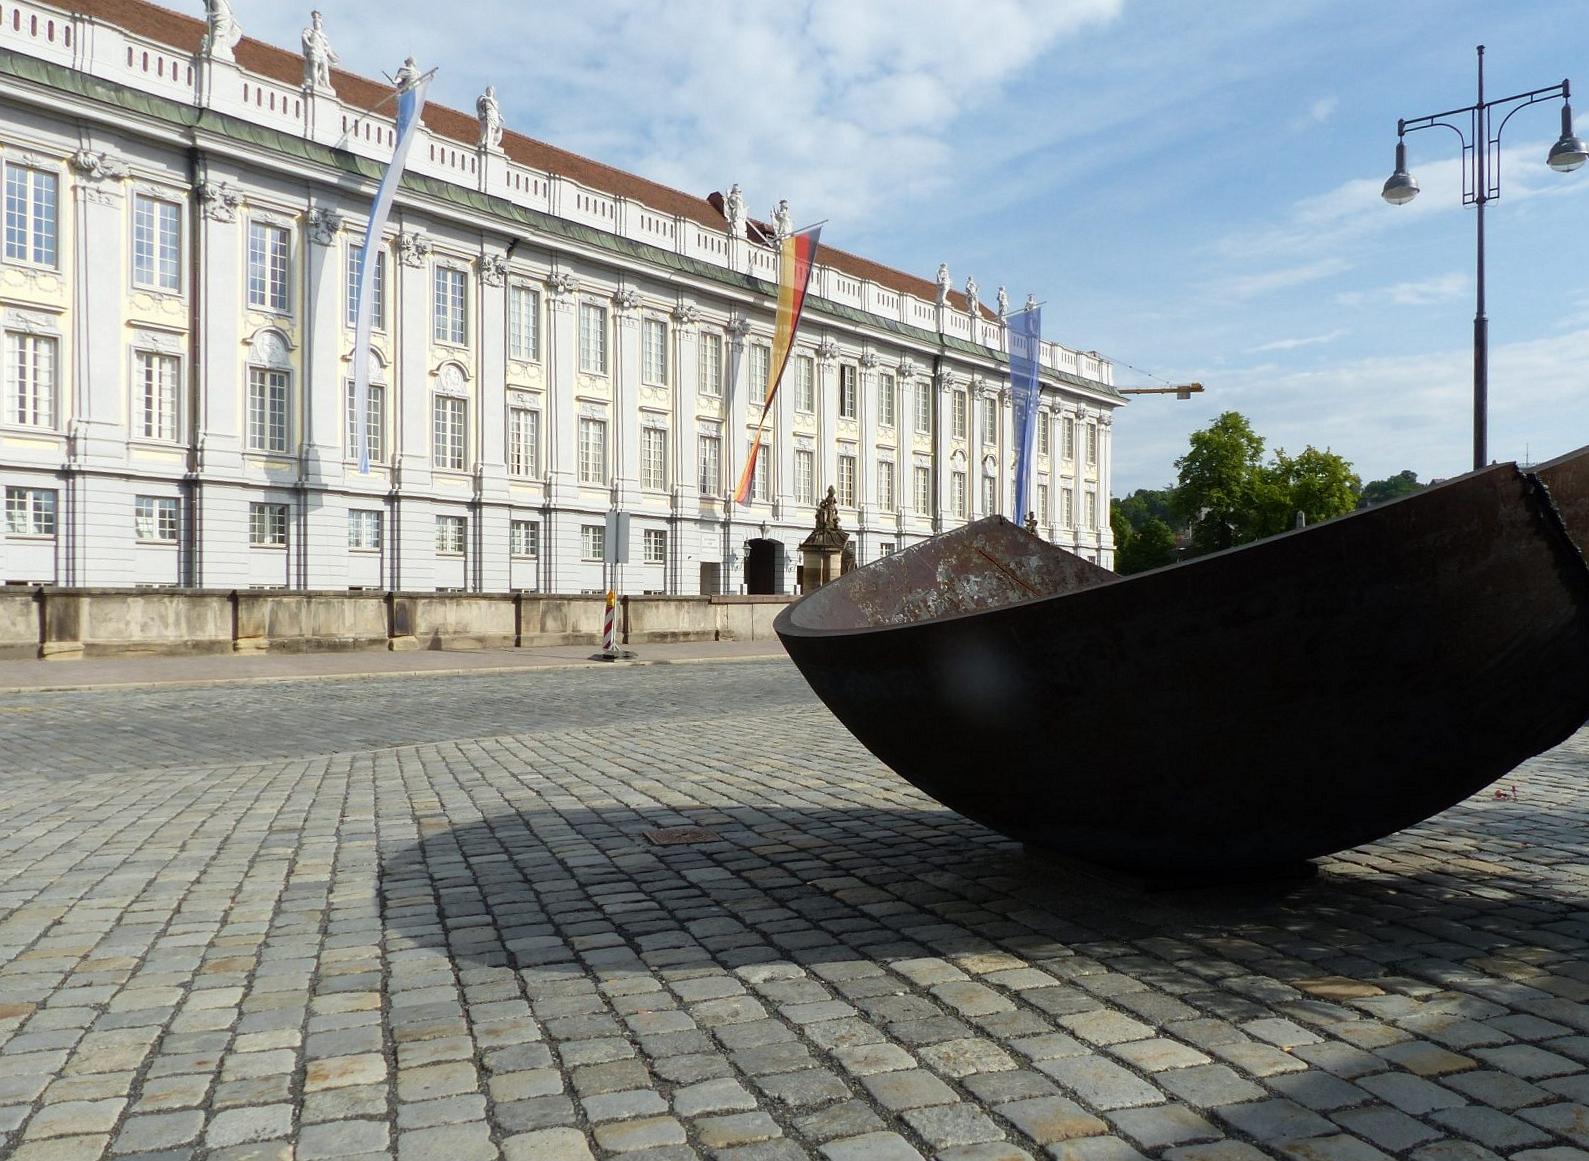 Blick auf die Reidenz Ansbach, im Vordergrund eine Kunstinstallaition, Foto: D.Weirauch